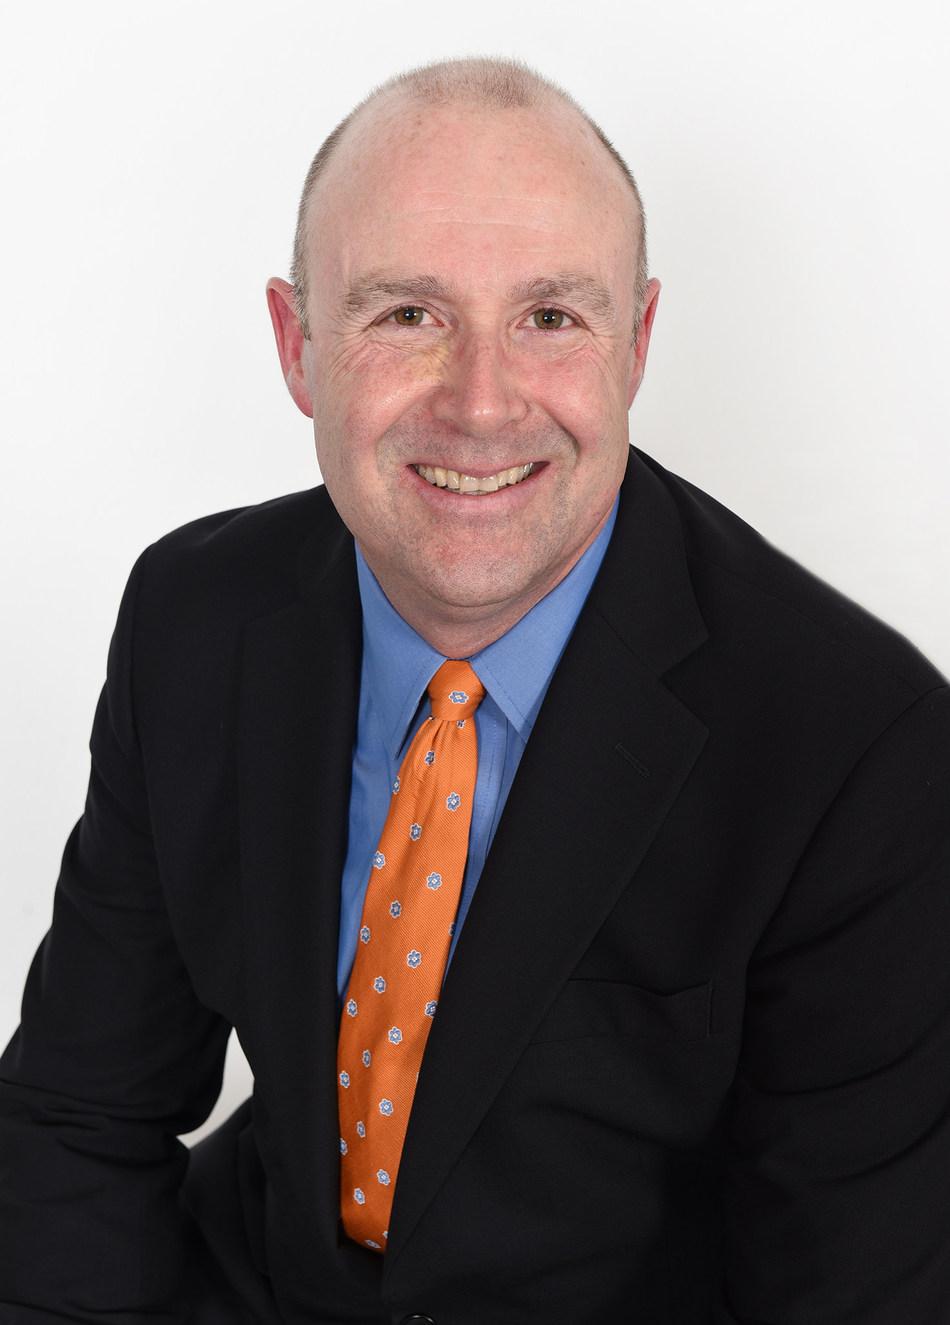 Anthony Varga, PDG d'Endress+Hauser (Groupe CNW/Endress+Hauser)